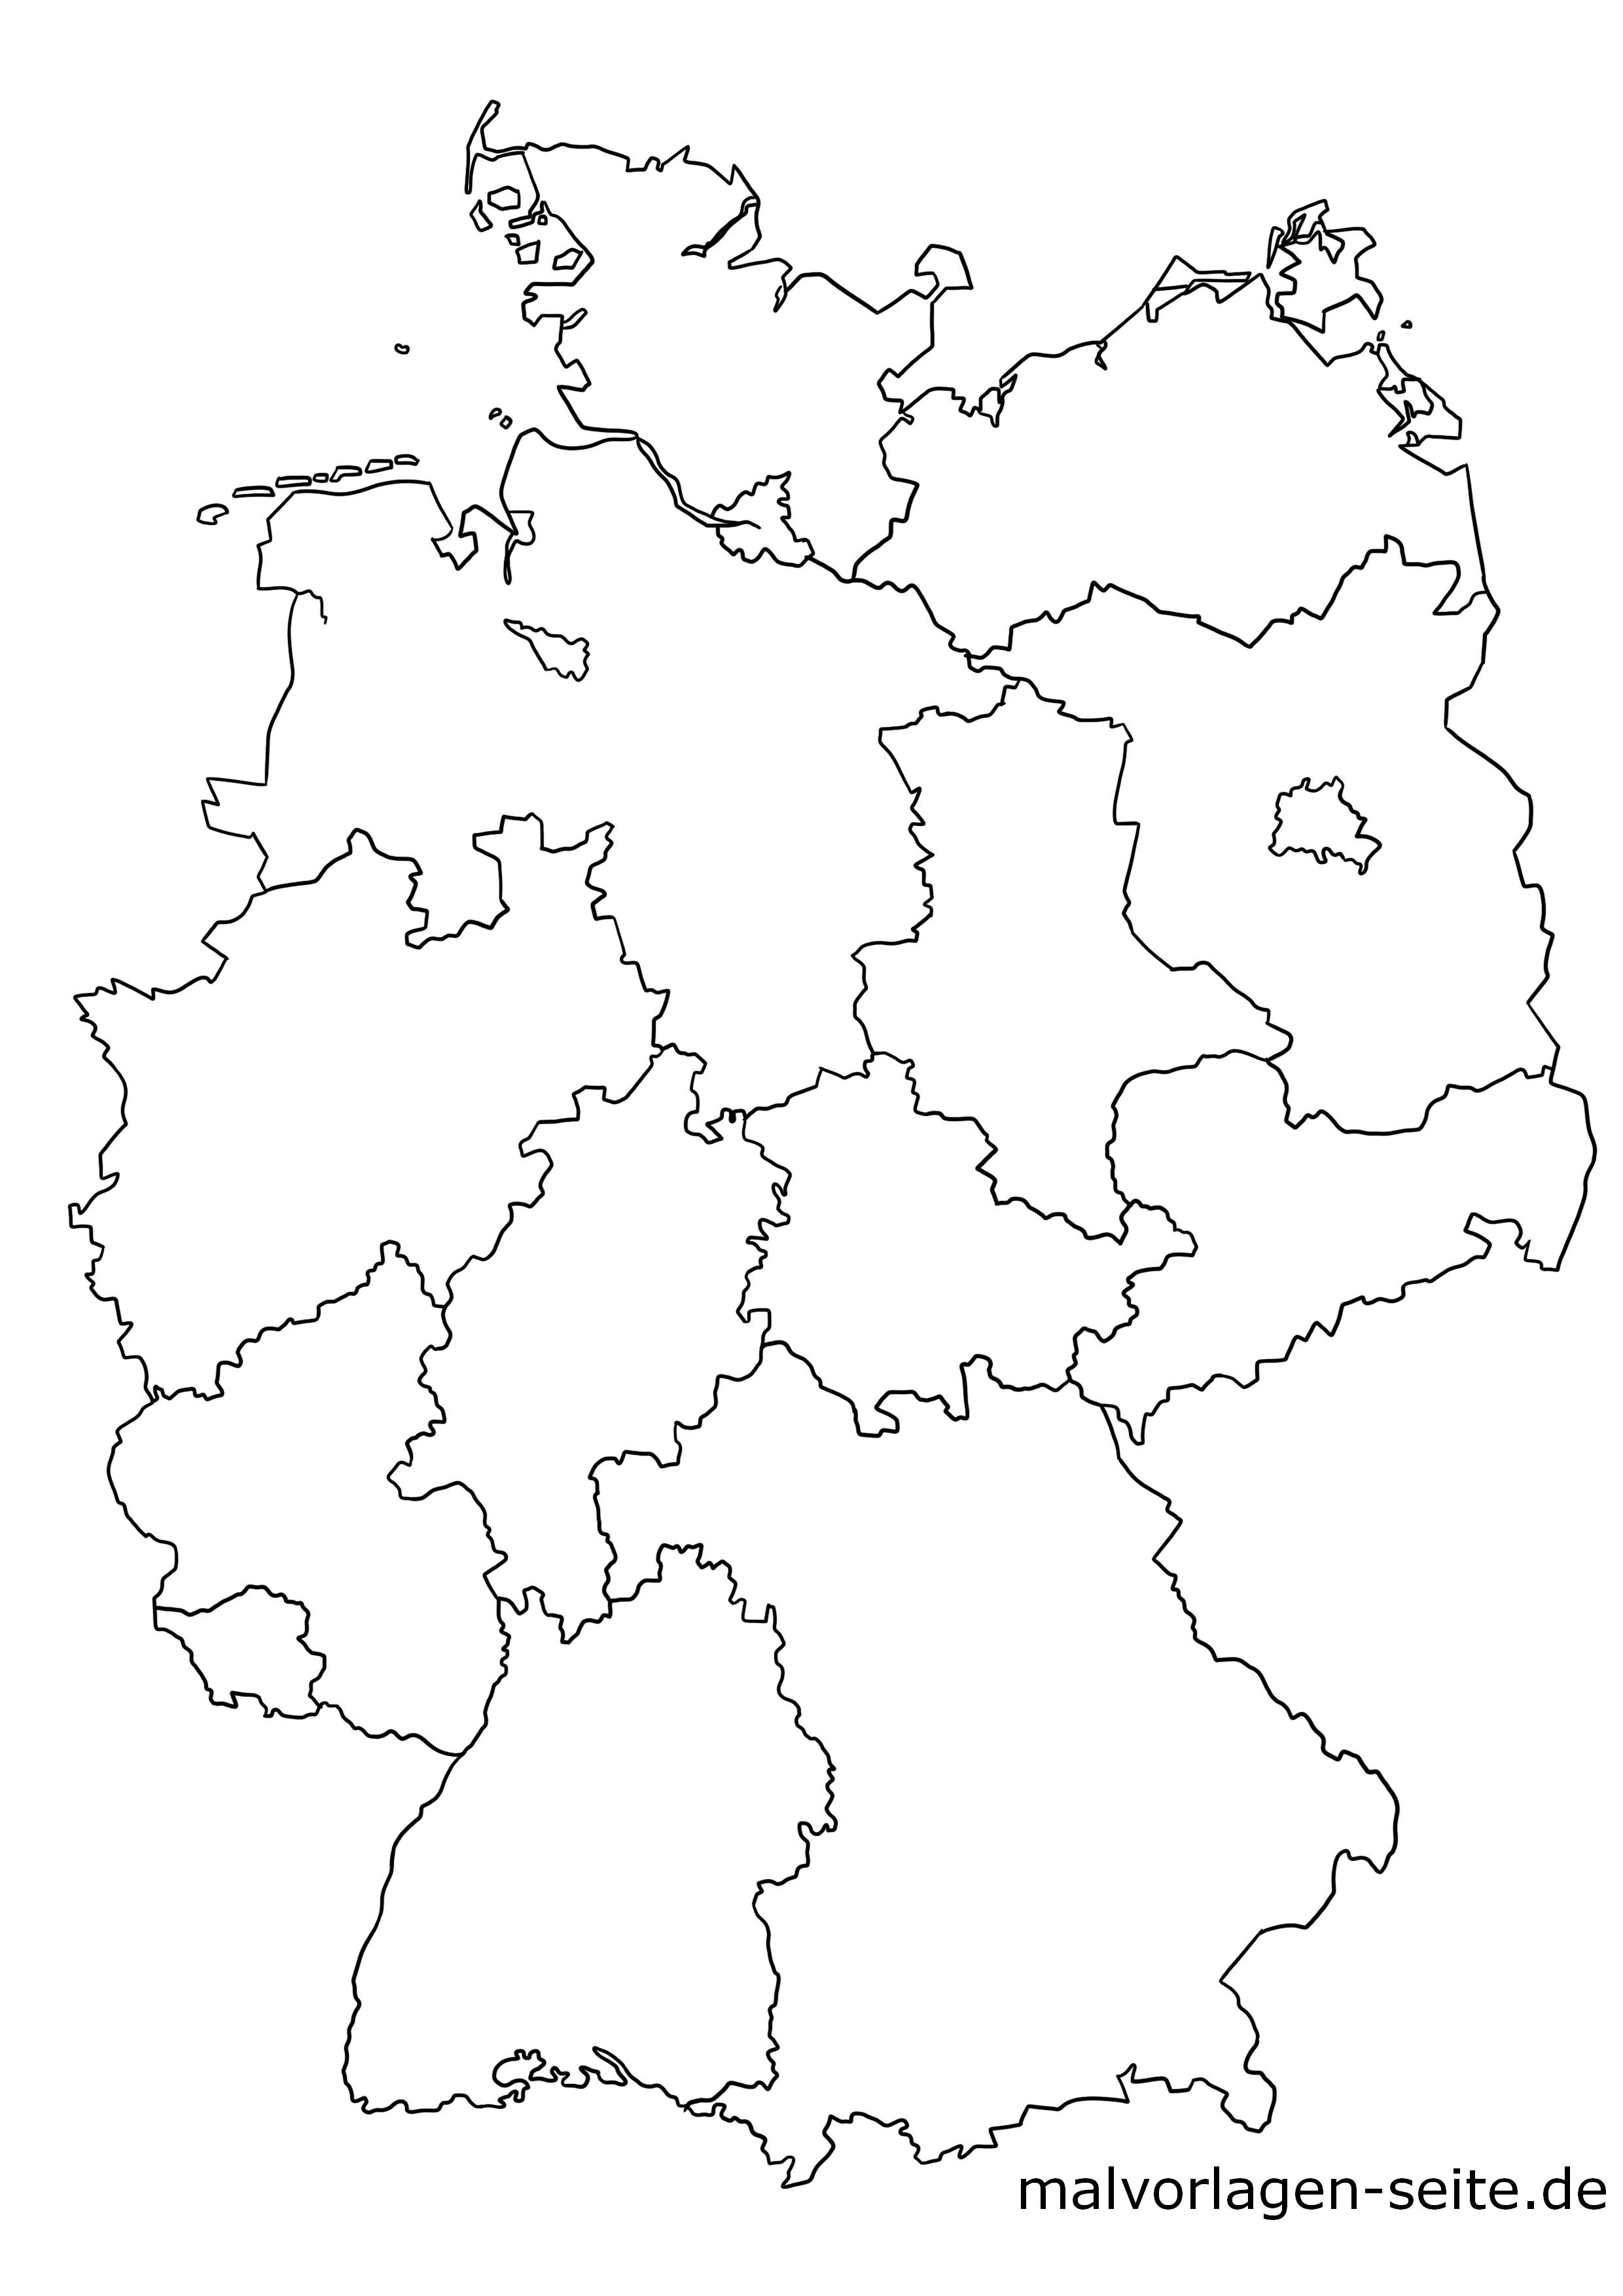 blanko landkarte deutschland Wie heißen die 16 Bundesländer von Deutschland und ihre Hauptstädte